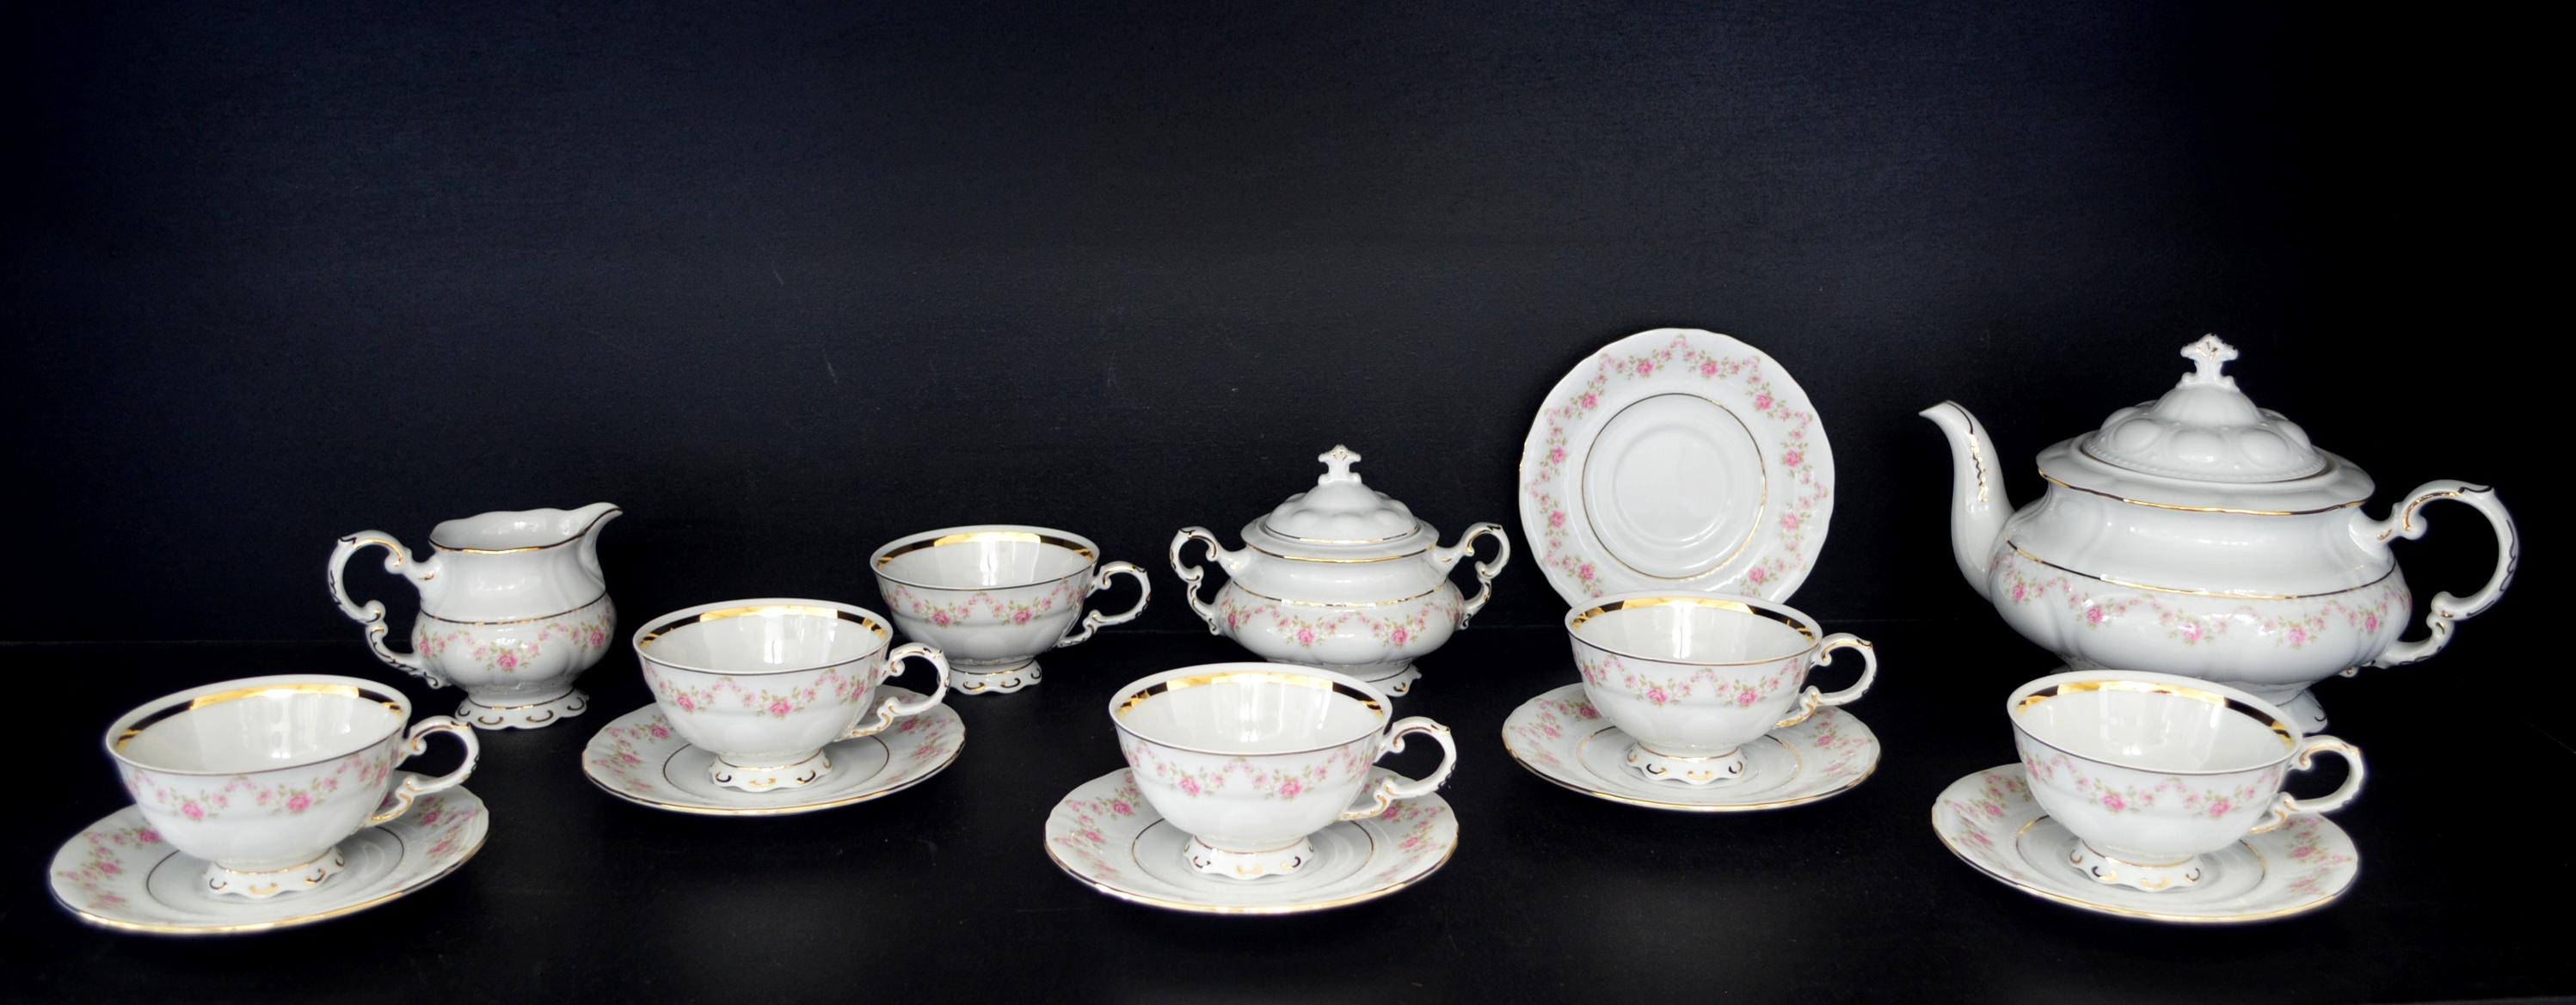 porzellan tee set sonate 158 15st leander lou ky kaffeeservice teeservice porcel n sklo. Black Bedroom Furniture Sets. Home Design Ideas